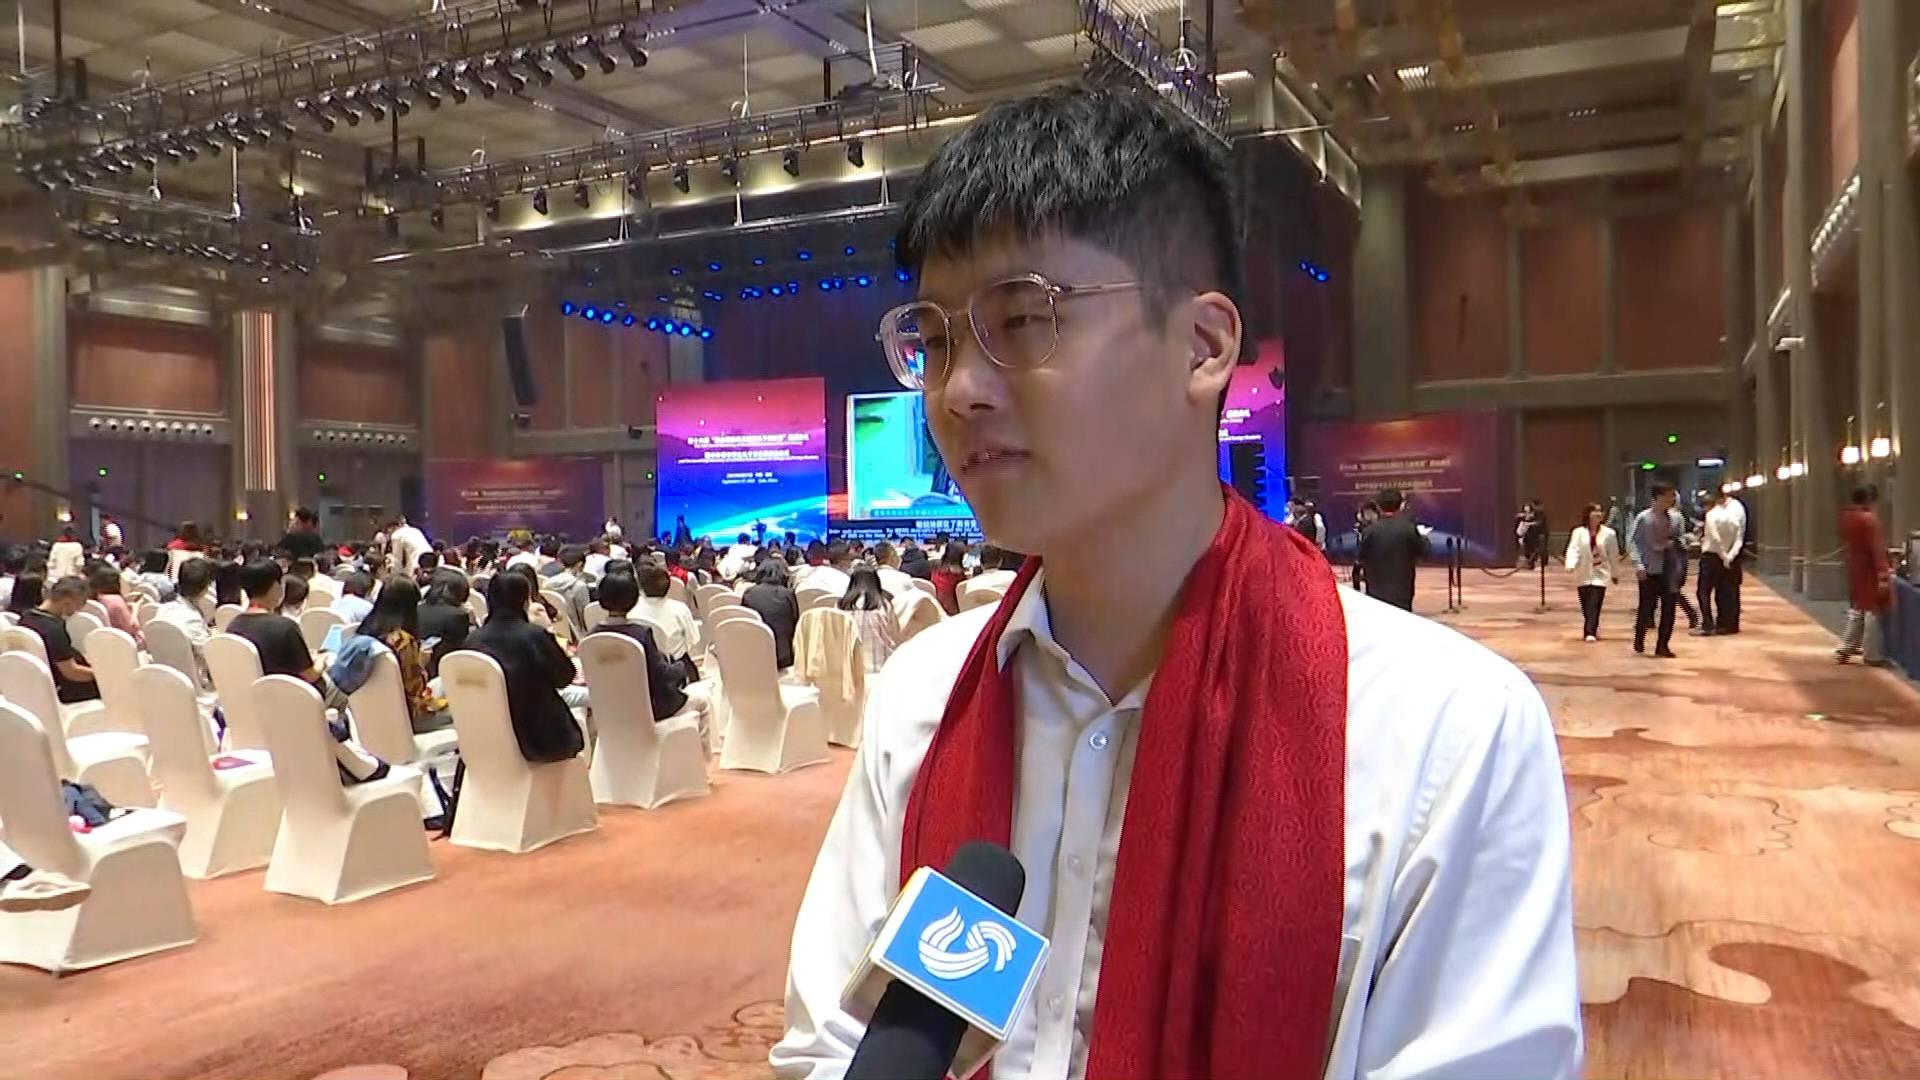 曲阜师范大学学生范家锟:兴趣导向、活学活用,创新中华优秀传统文化在青年团体中的传播